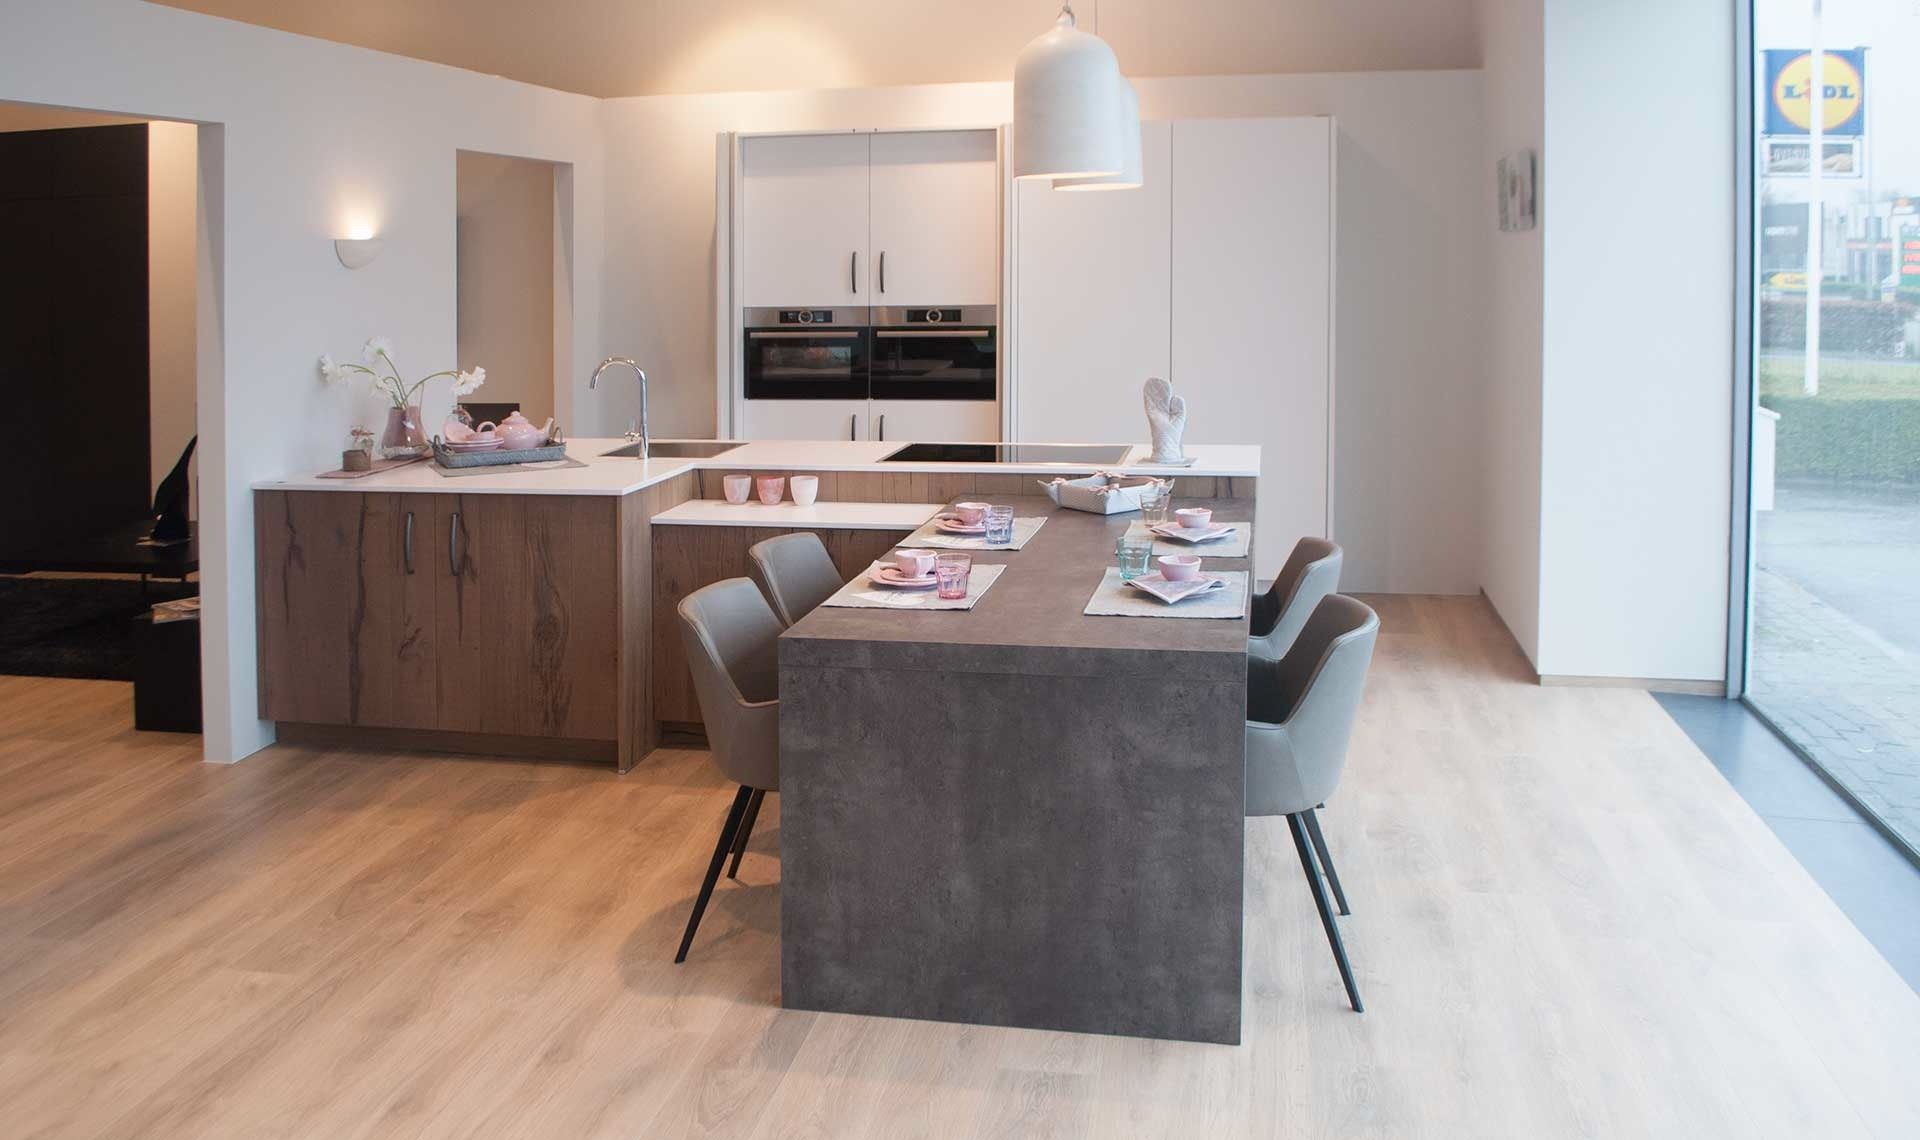 L Vorm Keuken : Moderne keuken met kookeiland in l vorm. deze keuken heeft zowel